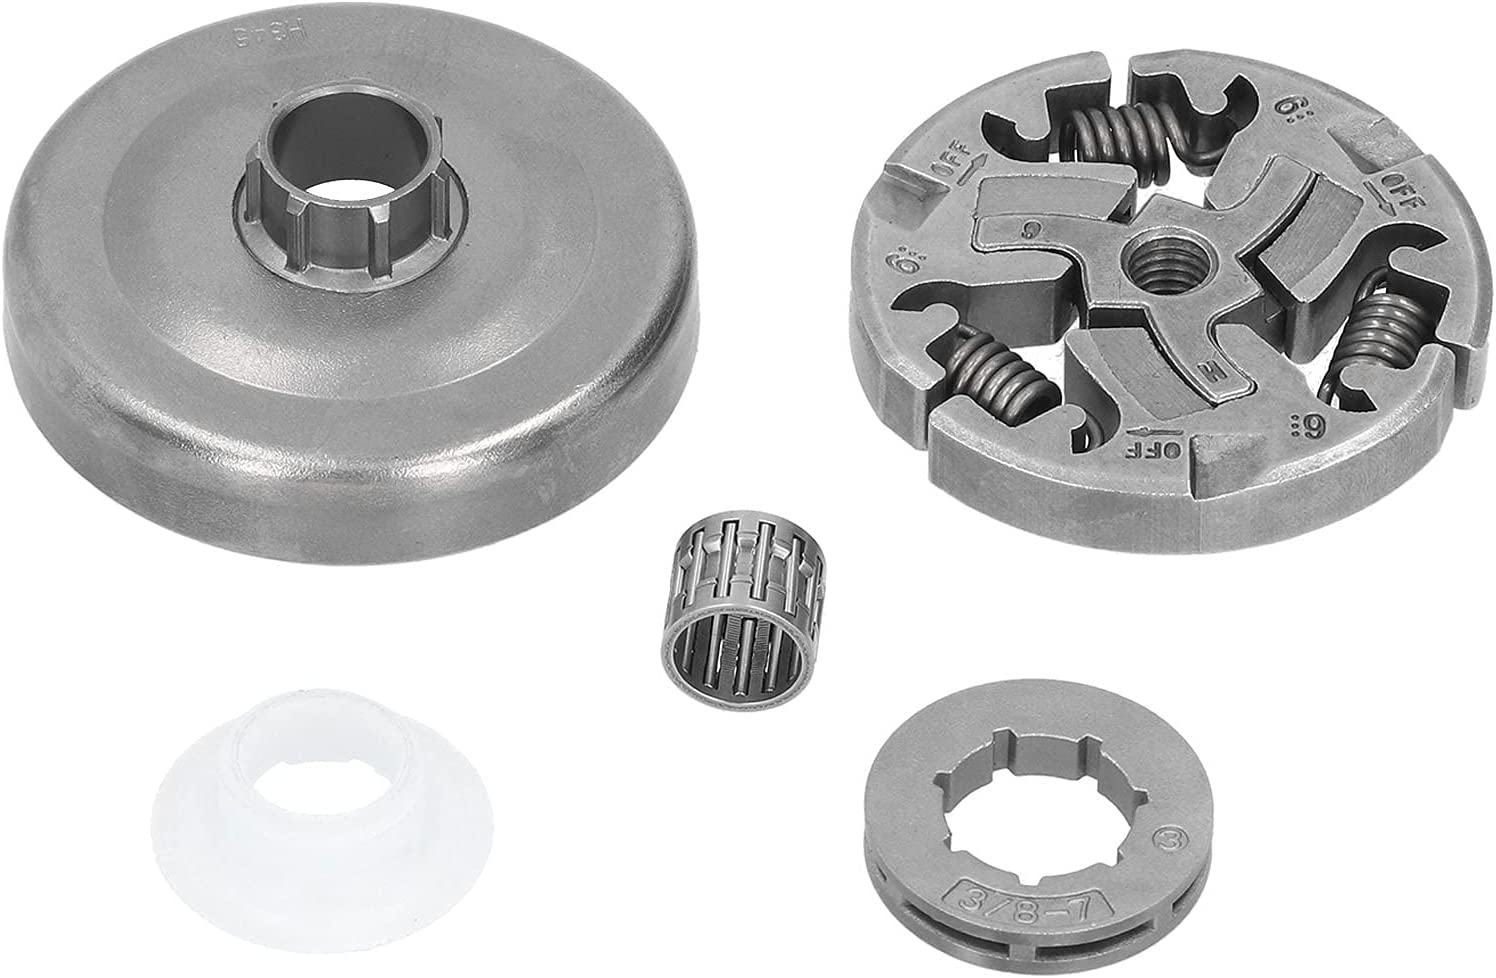 Cadena de tambor de embrague de 3/8 pulgadas, kit de tambor de embrague de transmisión por cadena, equipo mecánico de acero de aleación S2 para cadena de sierra